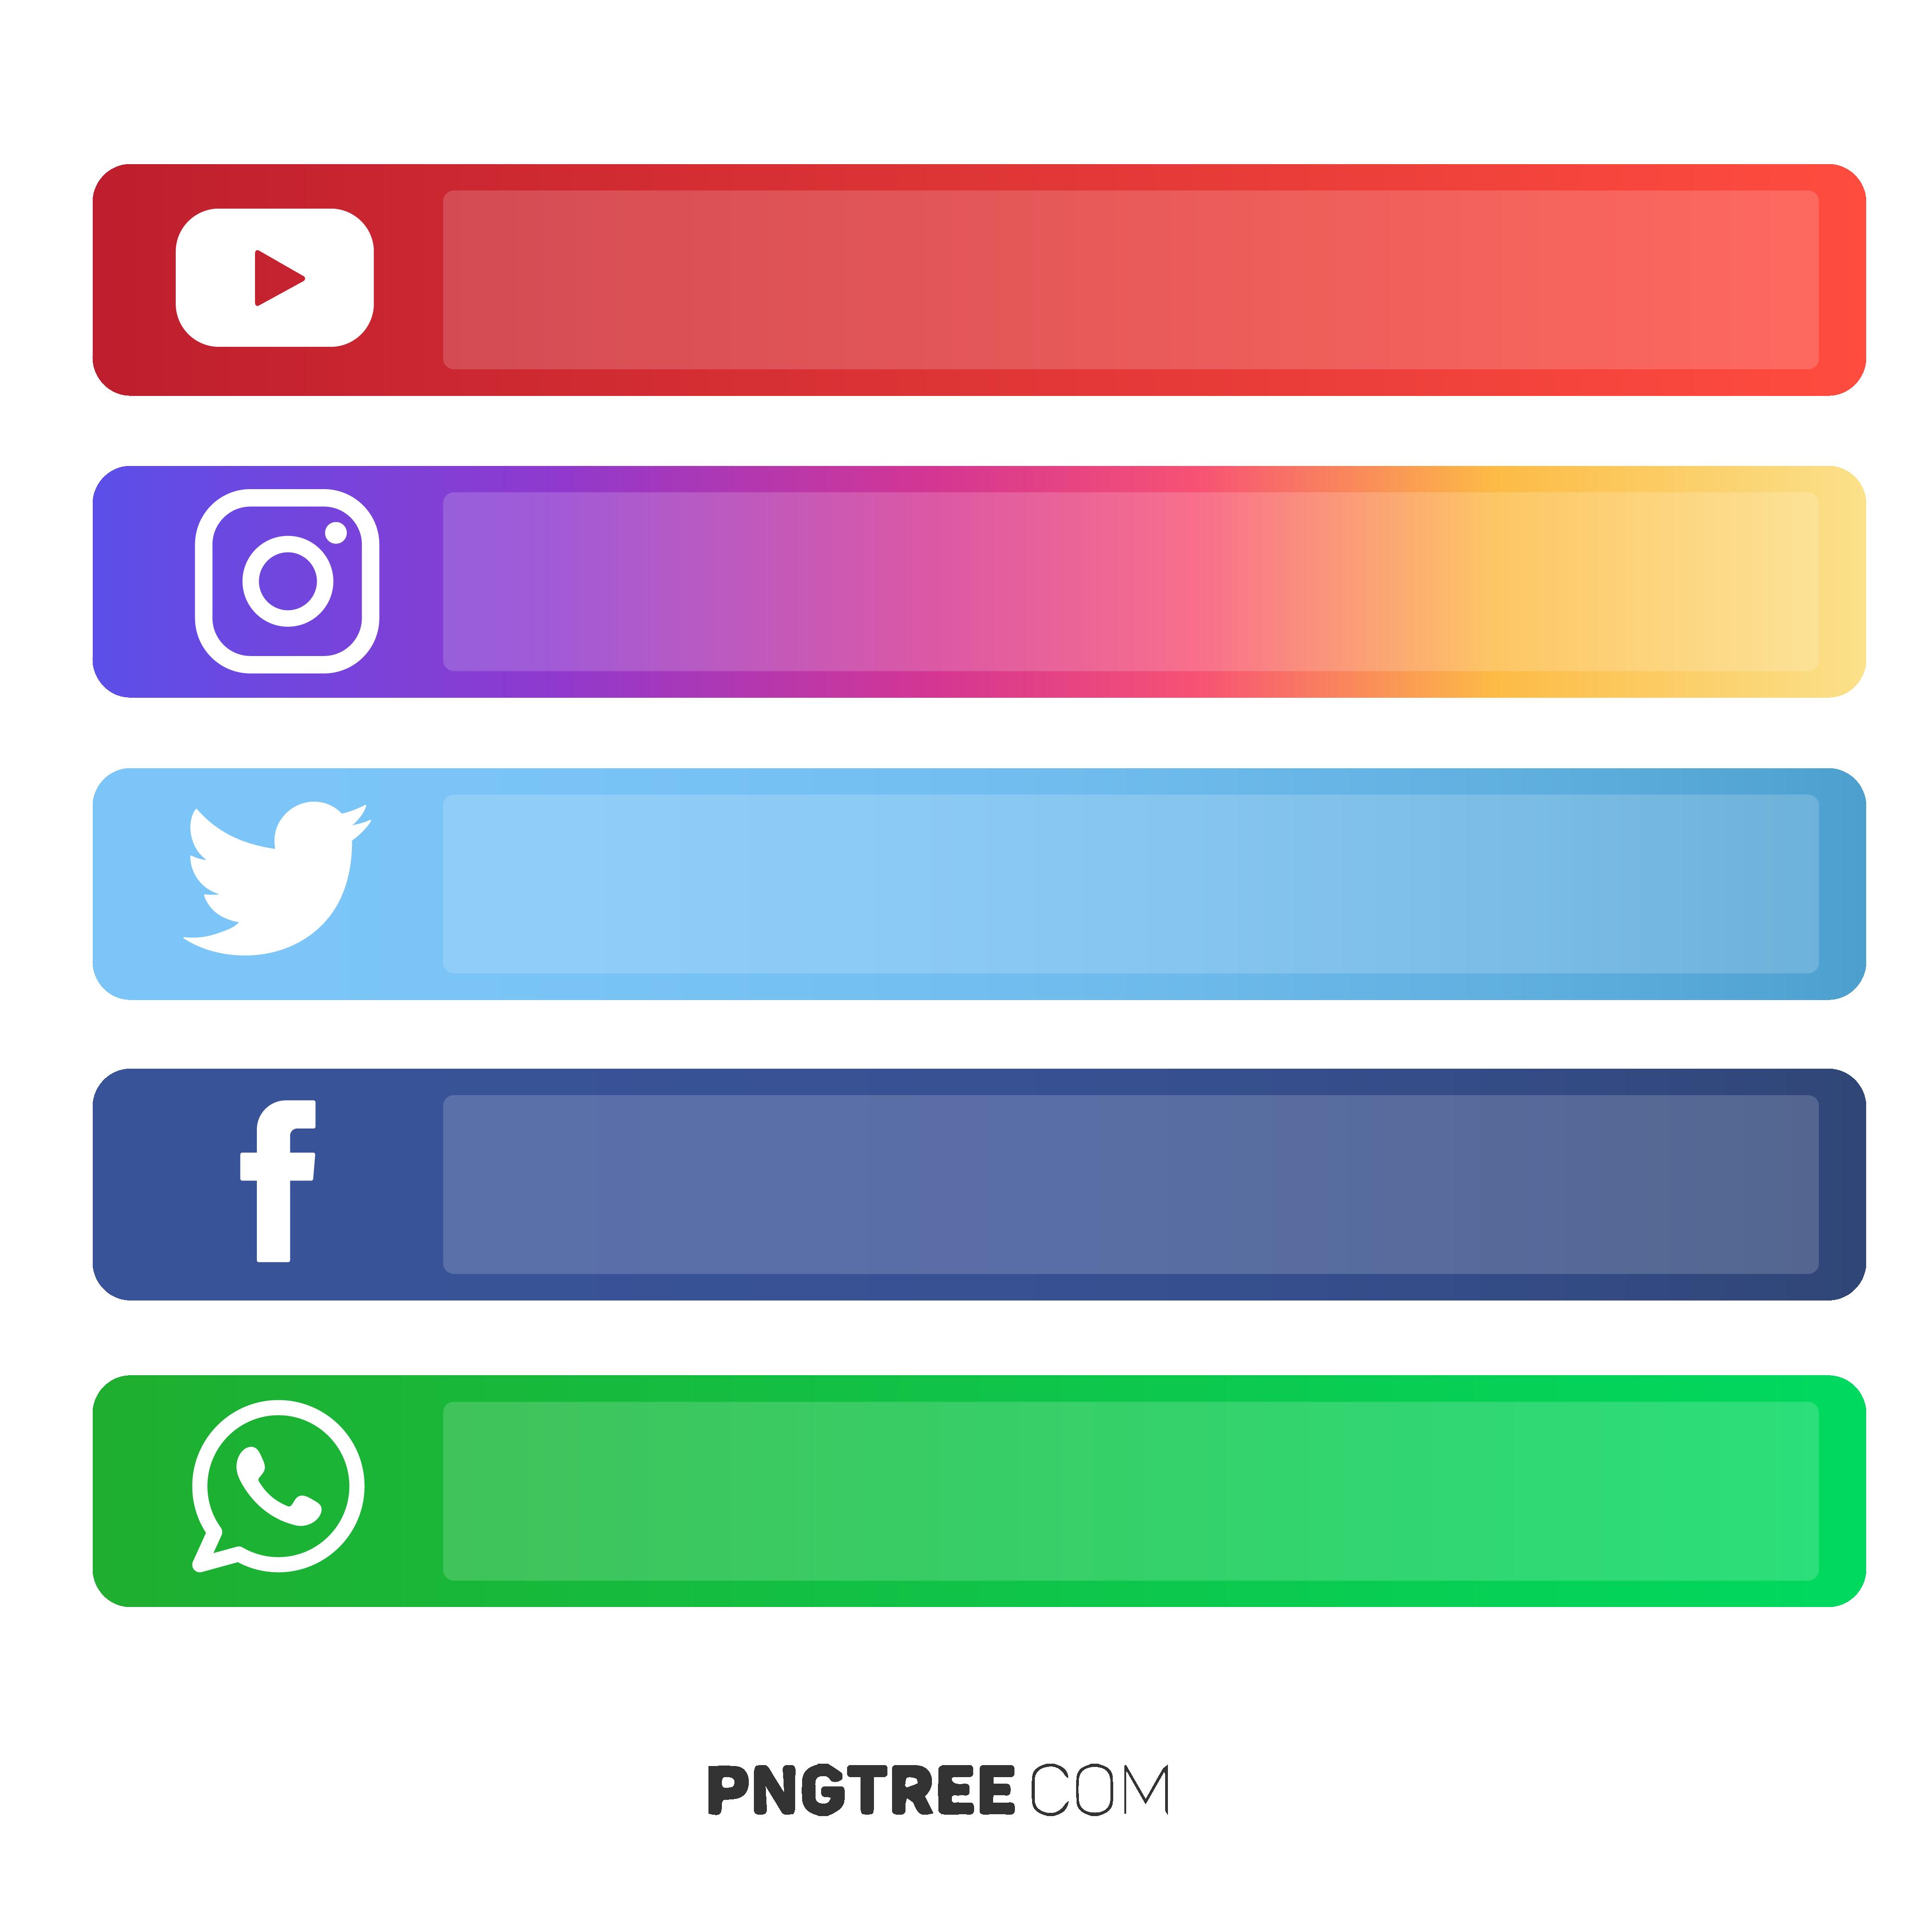 Pin De Pablo Barrero En Logotipo De Youtube Iconos De Redes Sociales Imagenes De Letras Fondos Para Editar Fotos